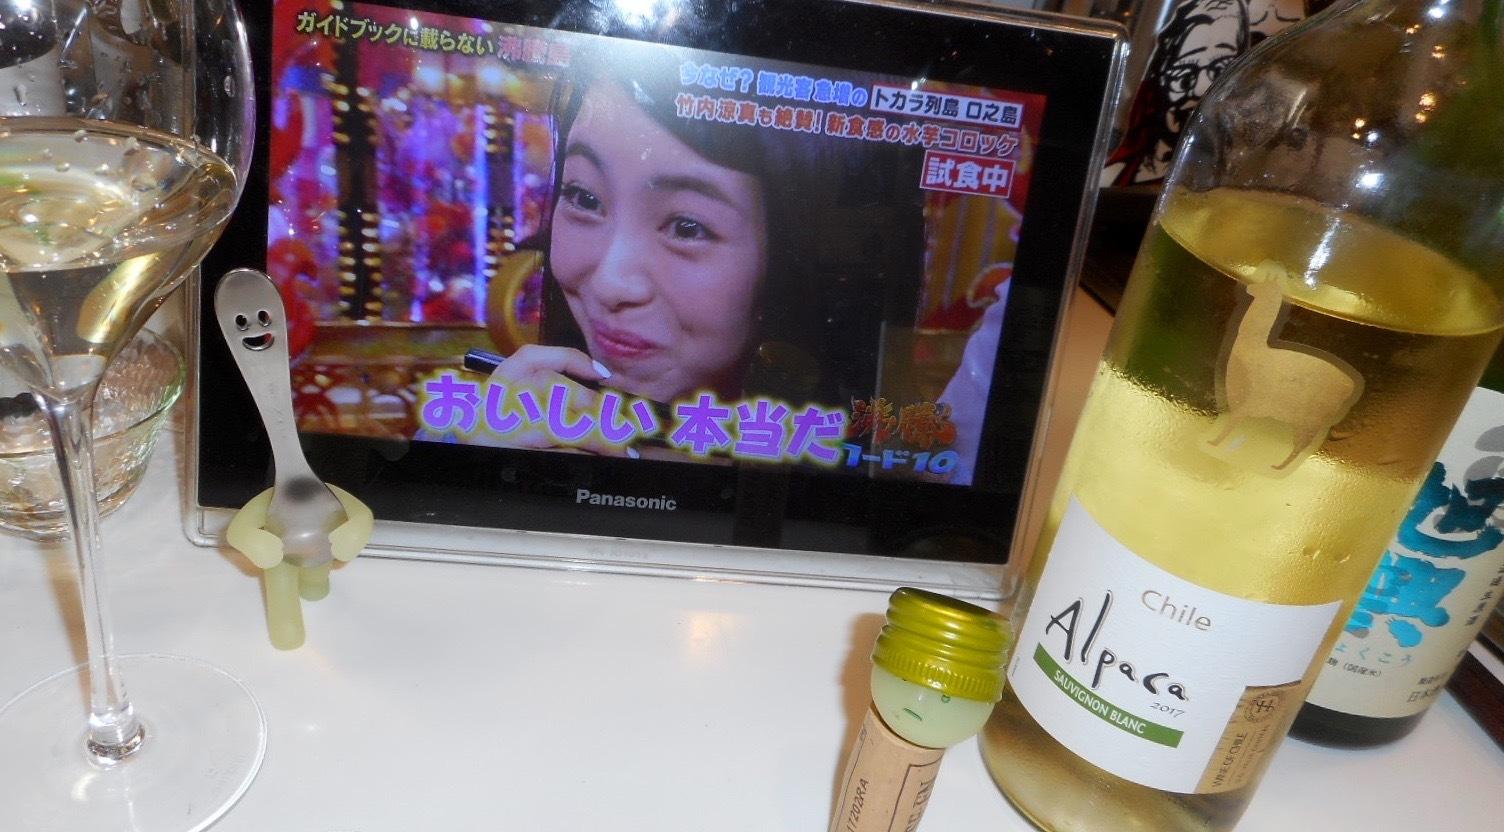 kyokukou_natsu29by9.jpg